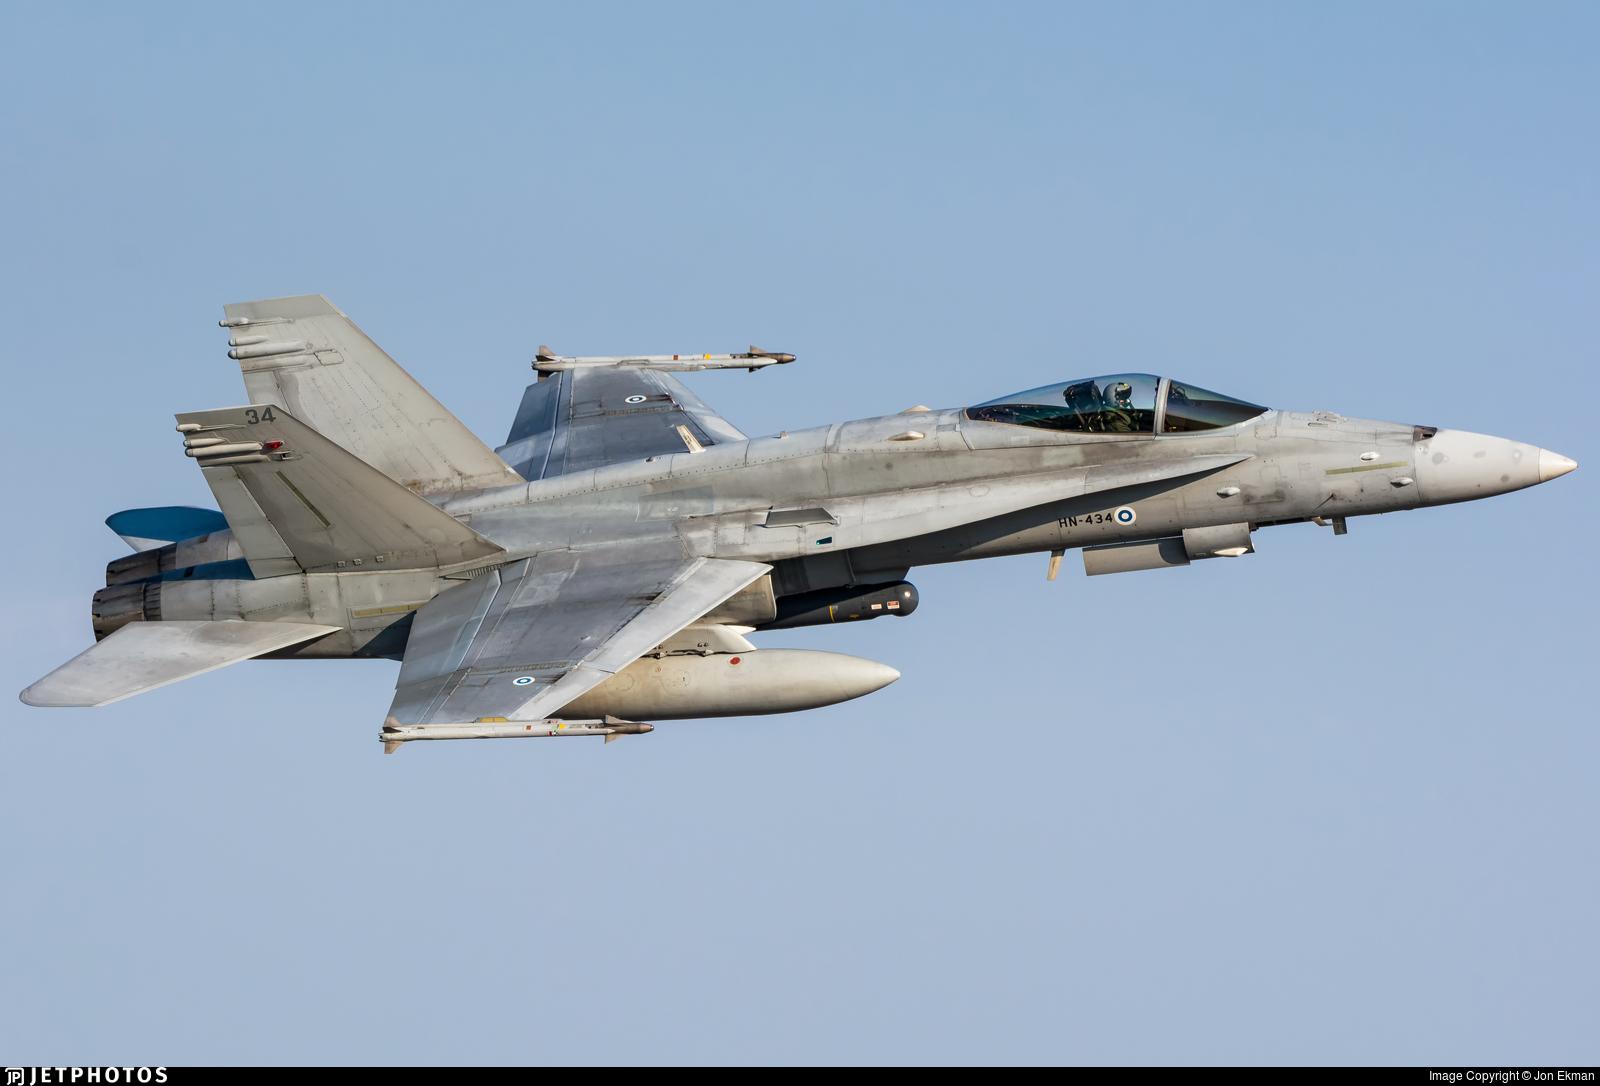 HN-434 - McDonnell Douglas F/A-18C Hornet - Finland - Air Force